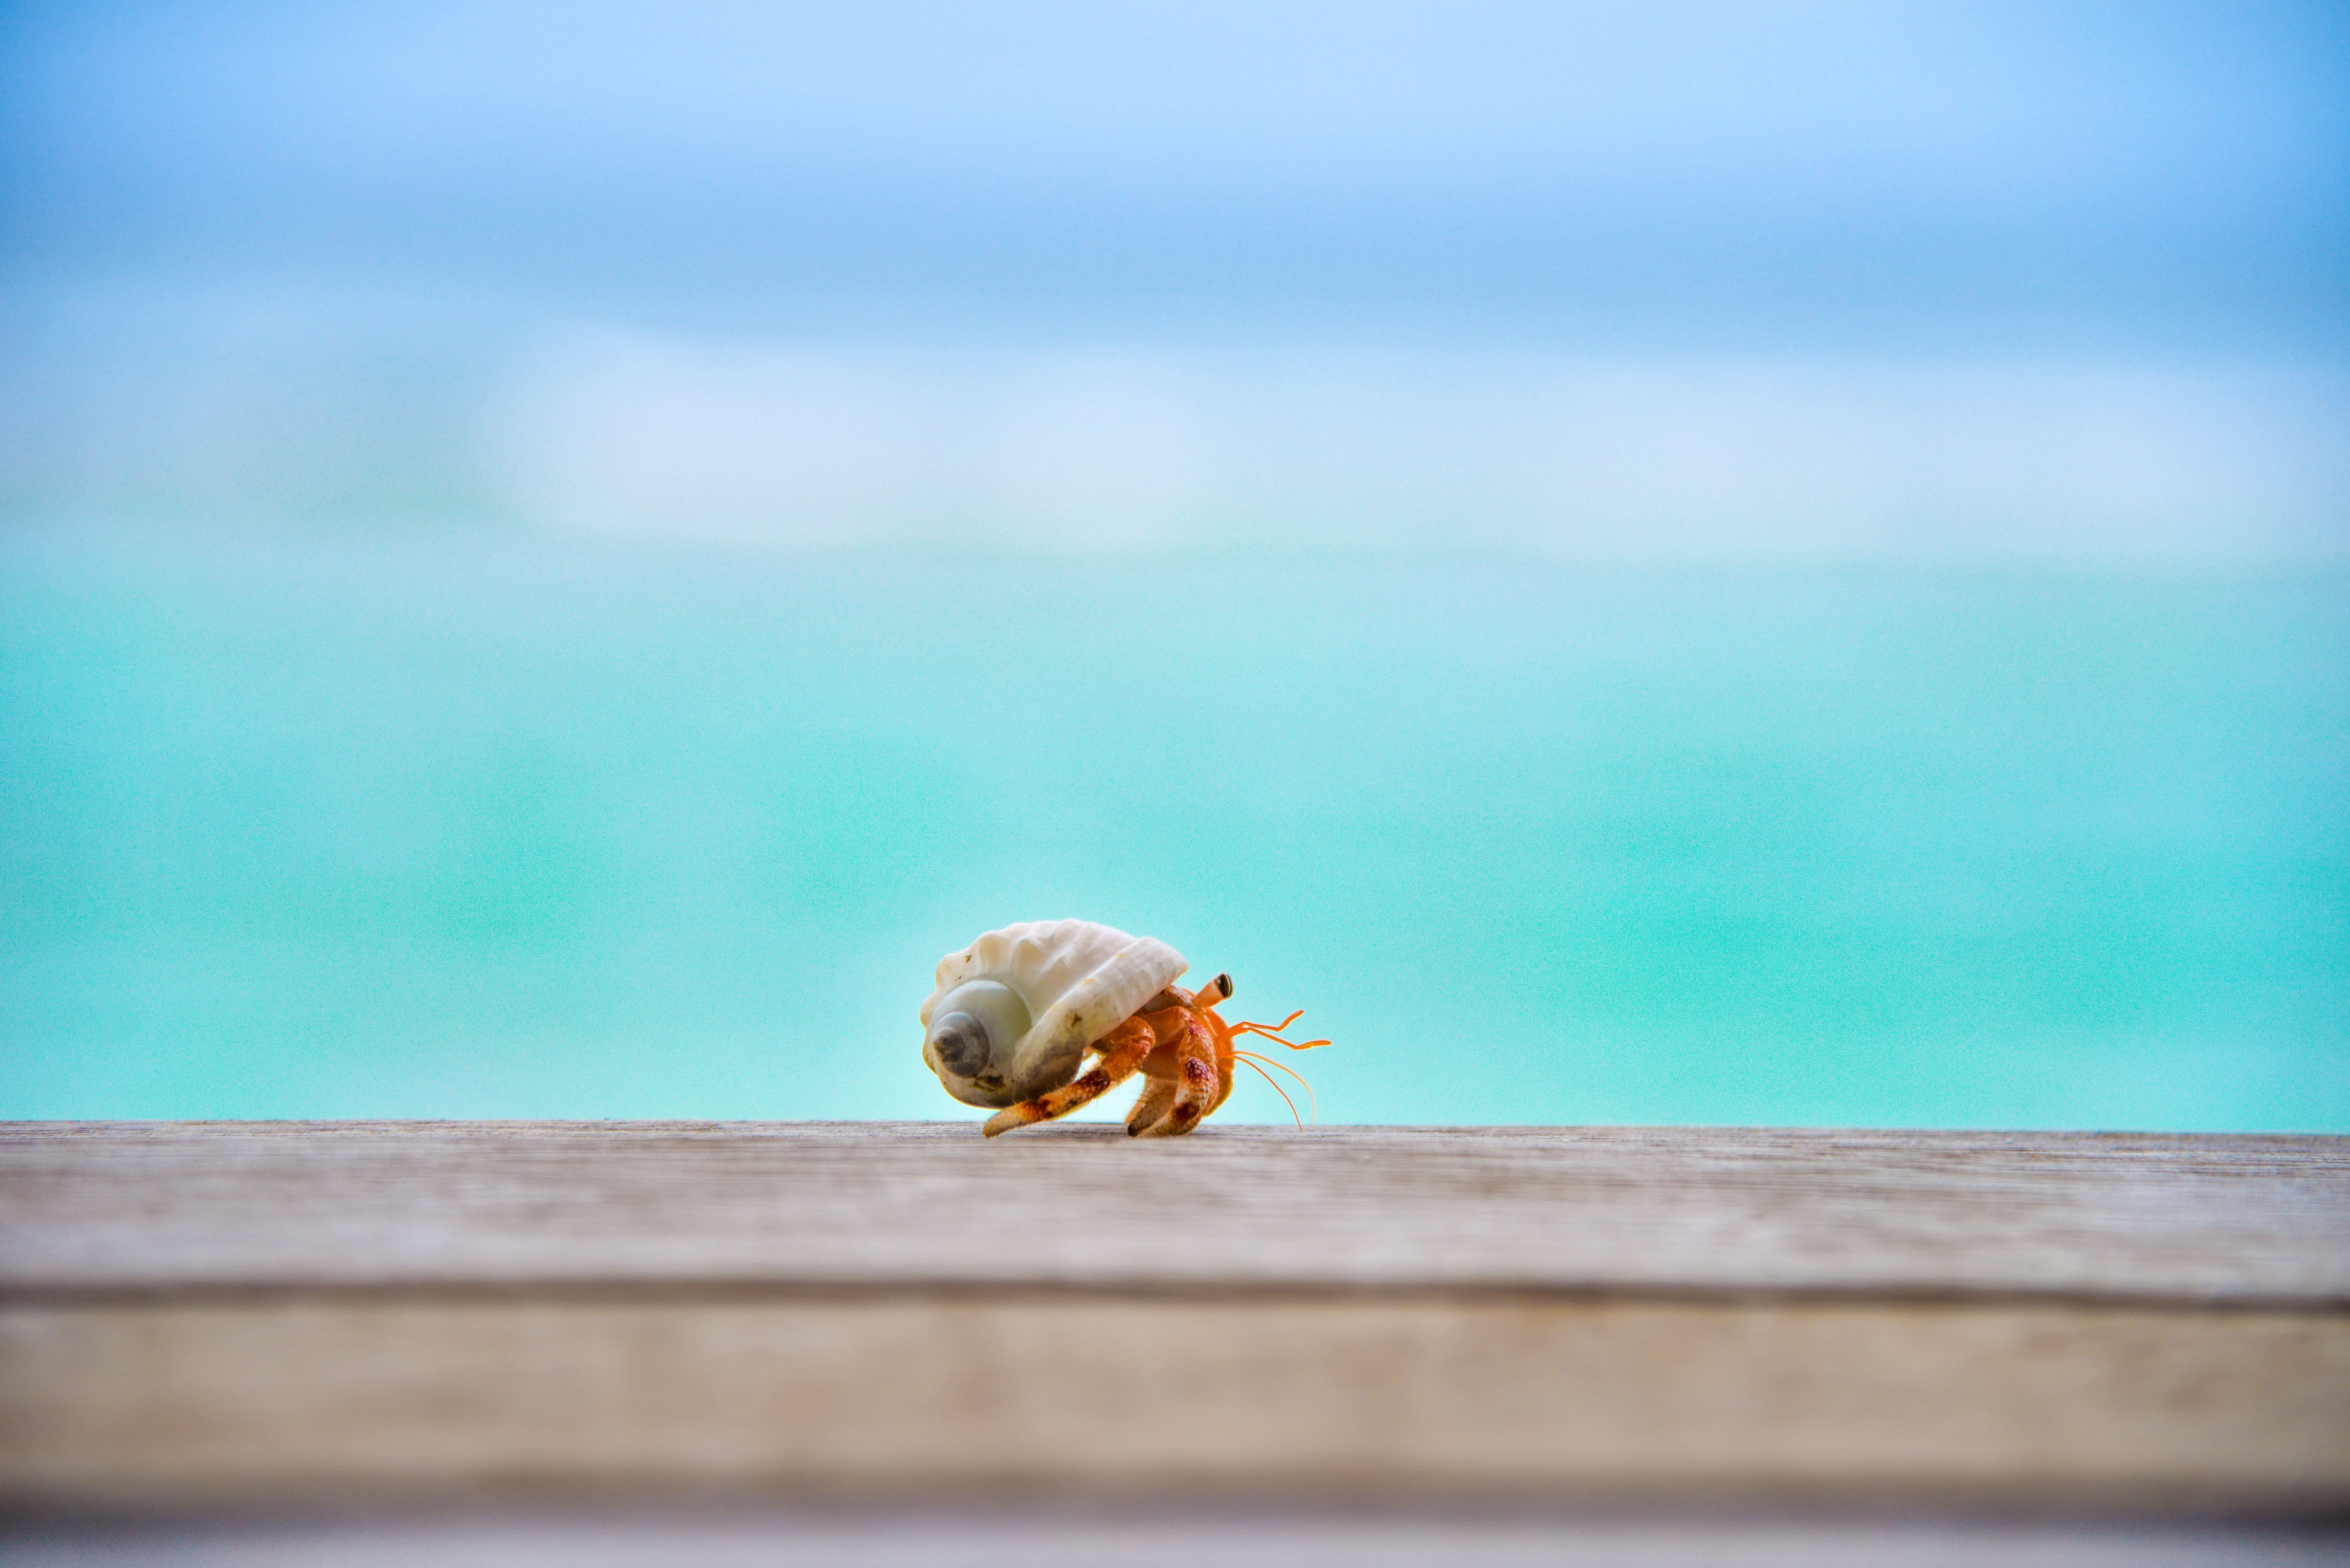 hermit crab walking across boardwalk with ocean behind